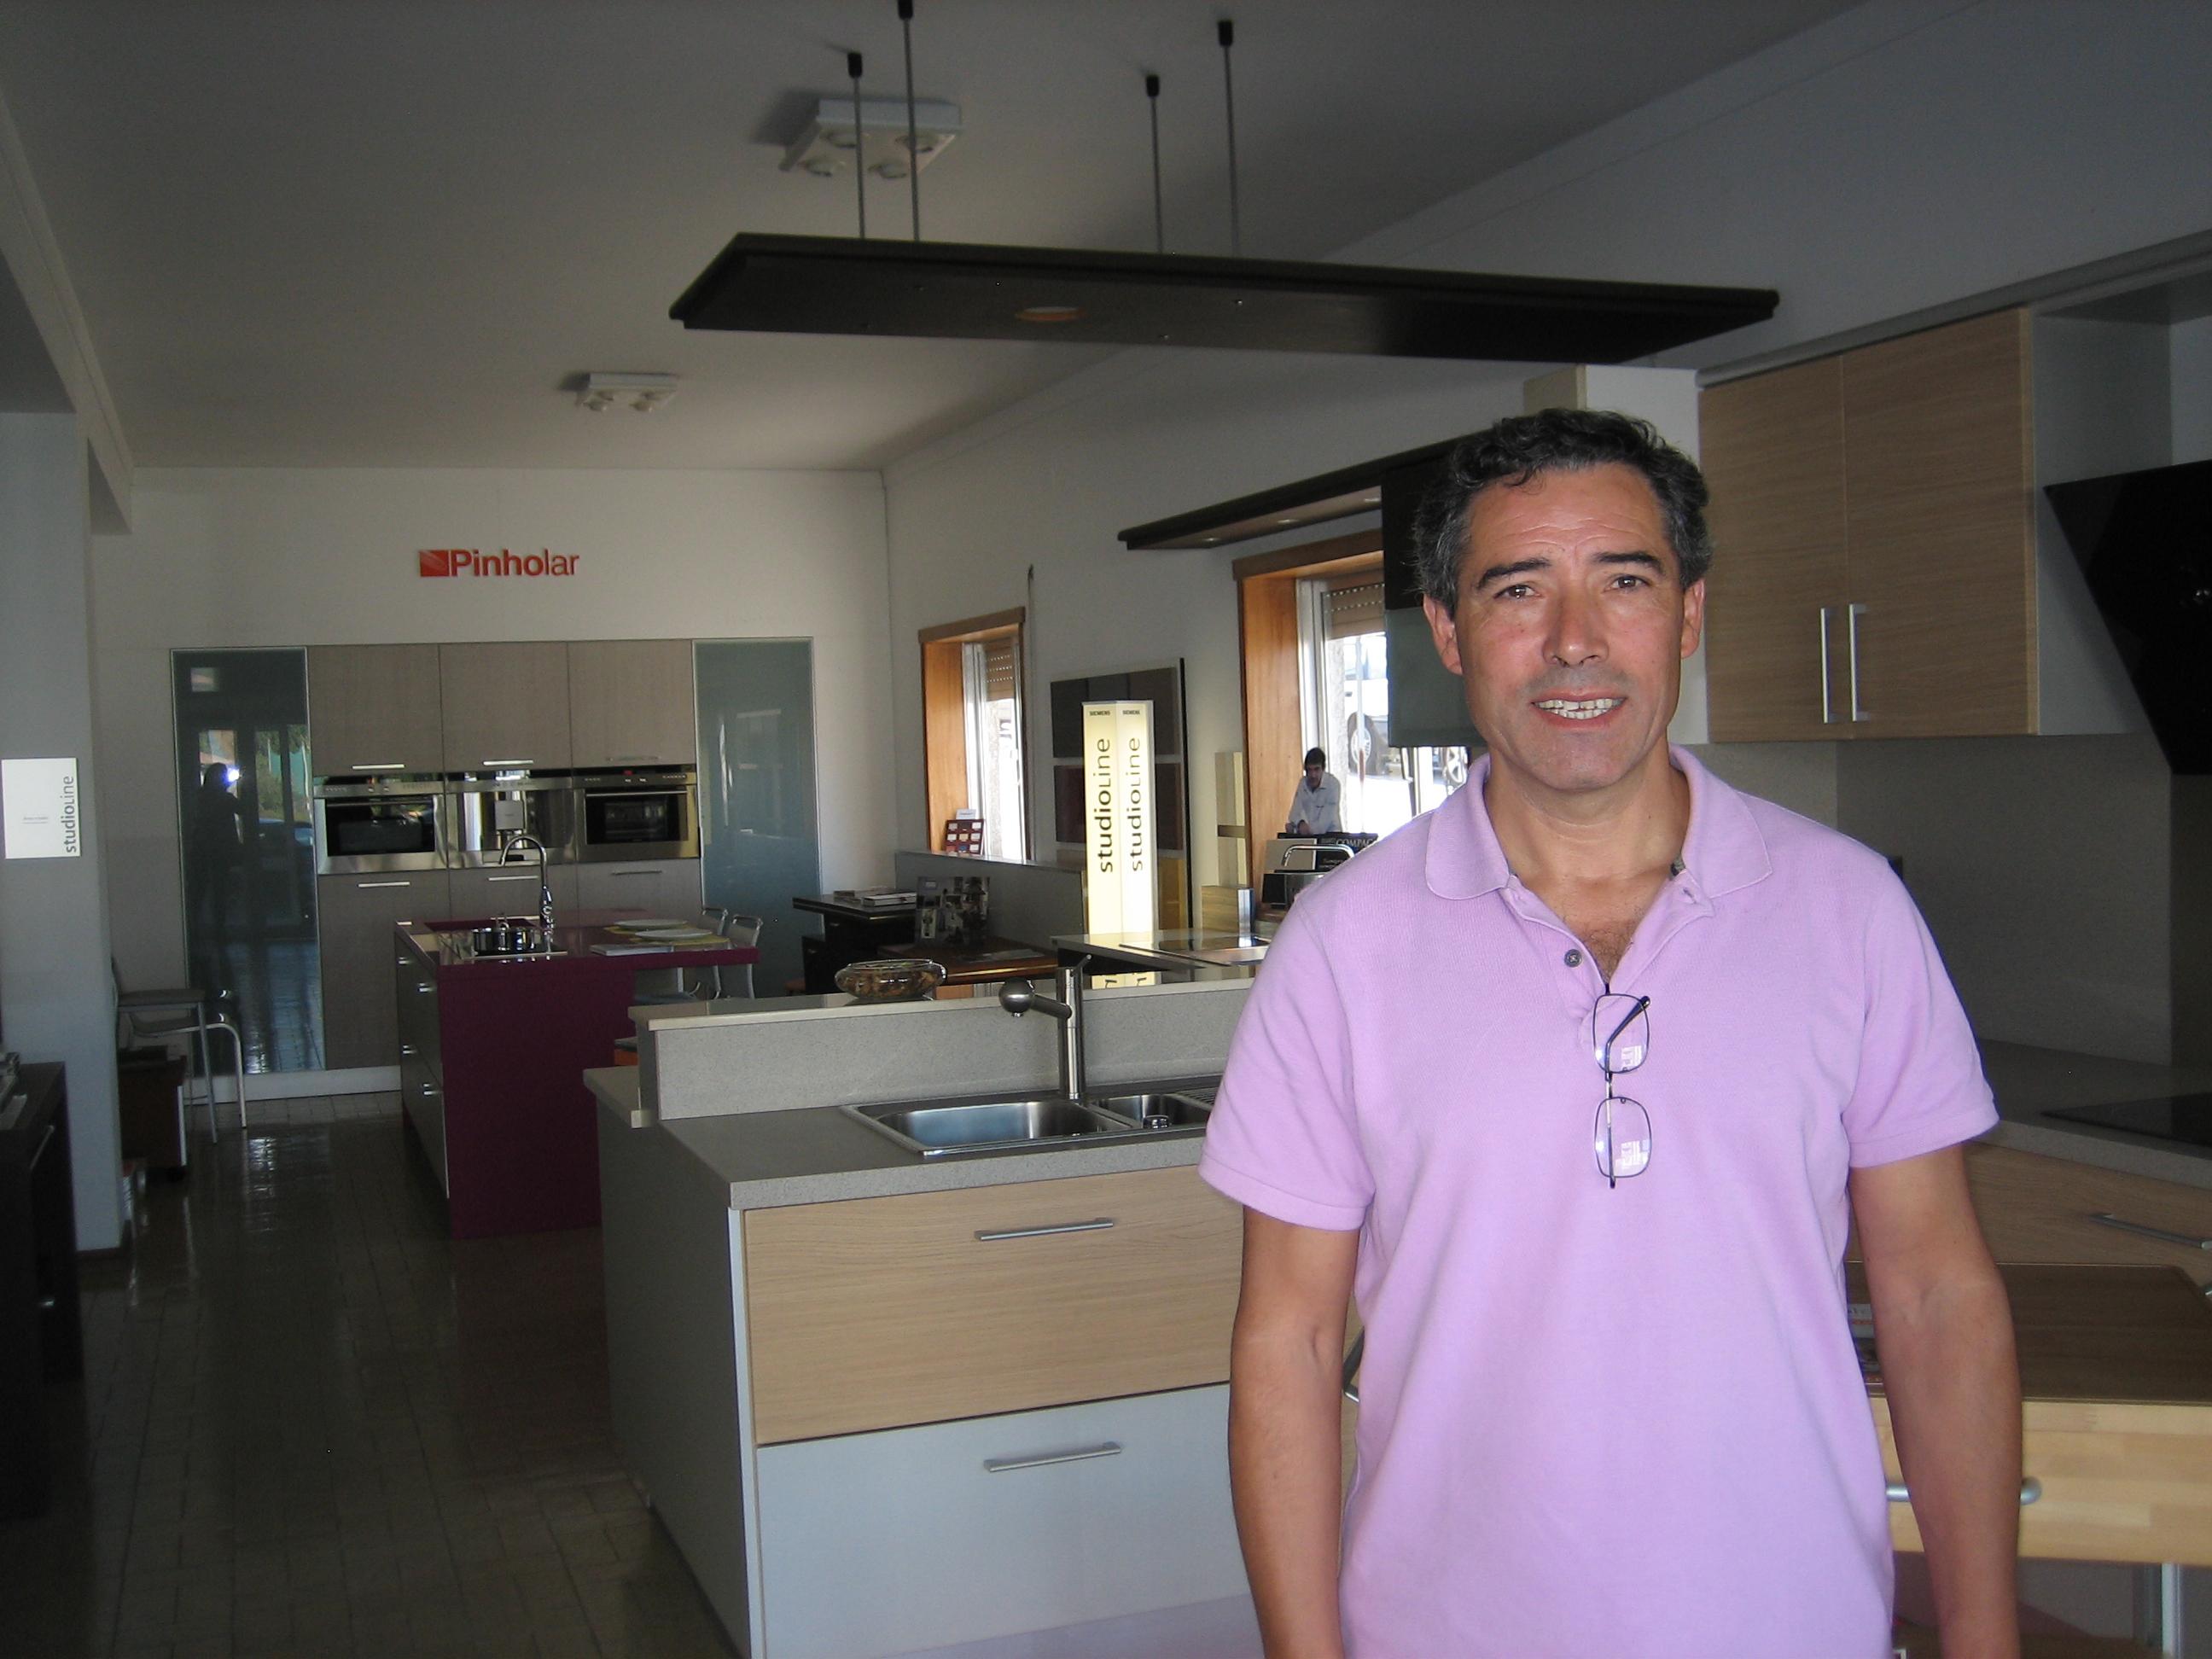 Loja especializada no mobiliário de cozinhas: Pinholar – 28 anos de experiência no setor